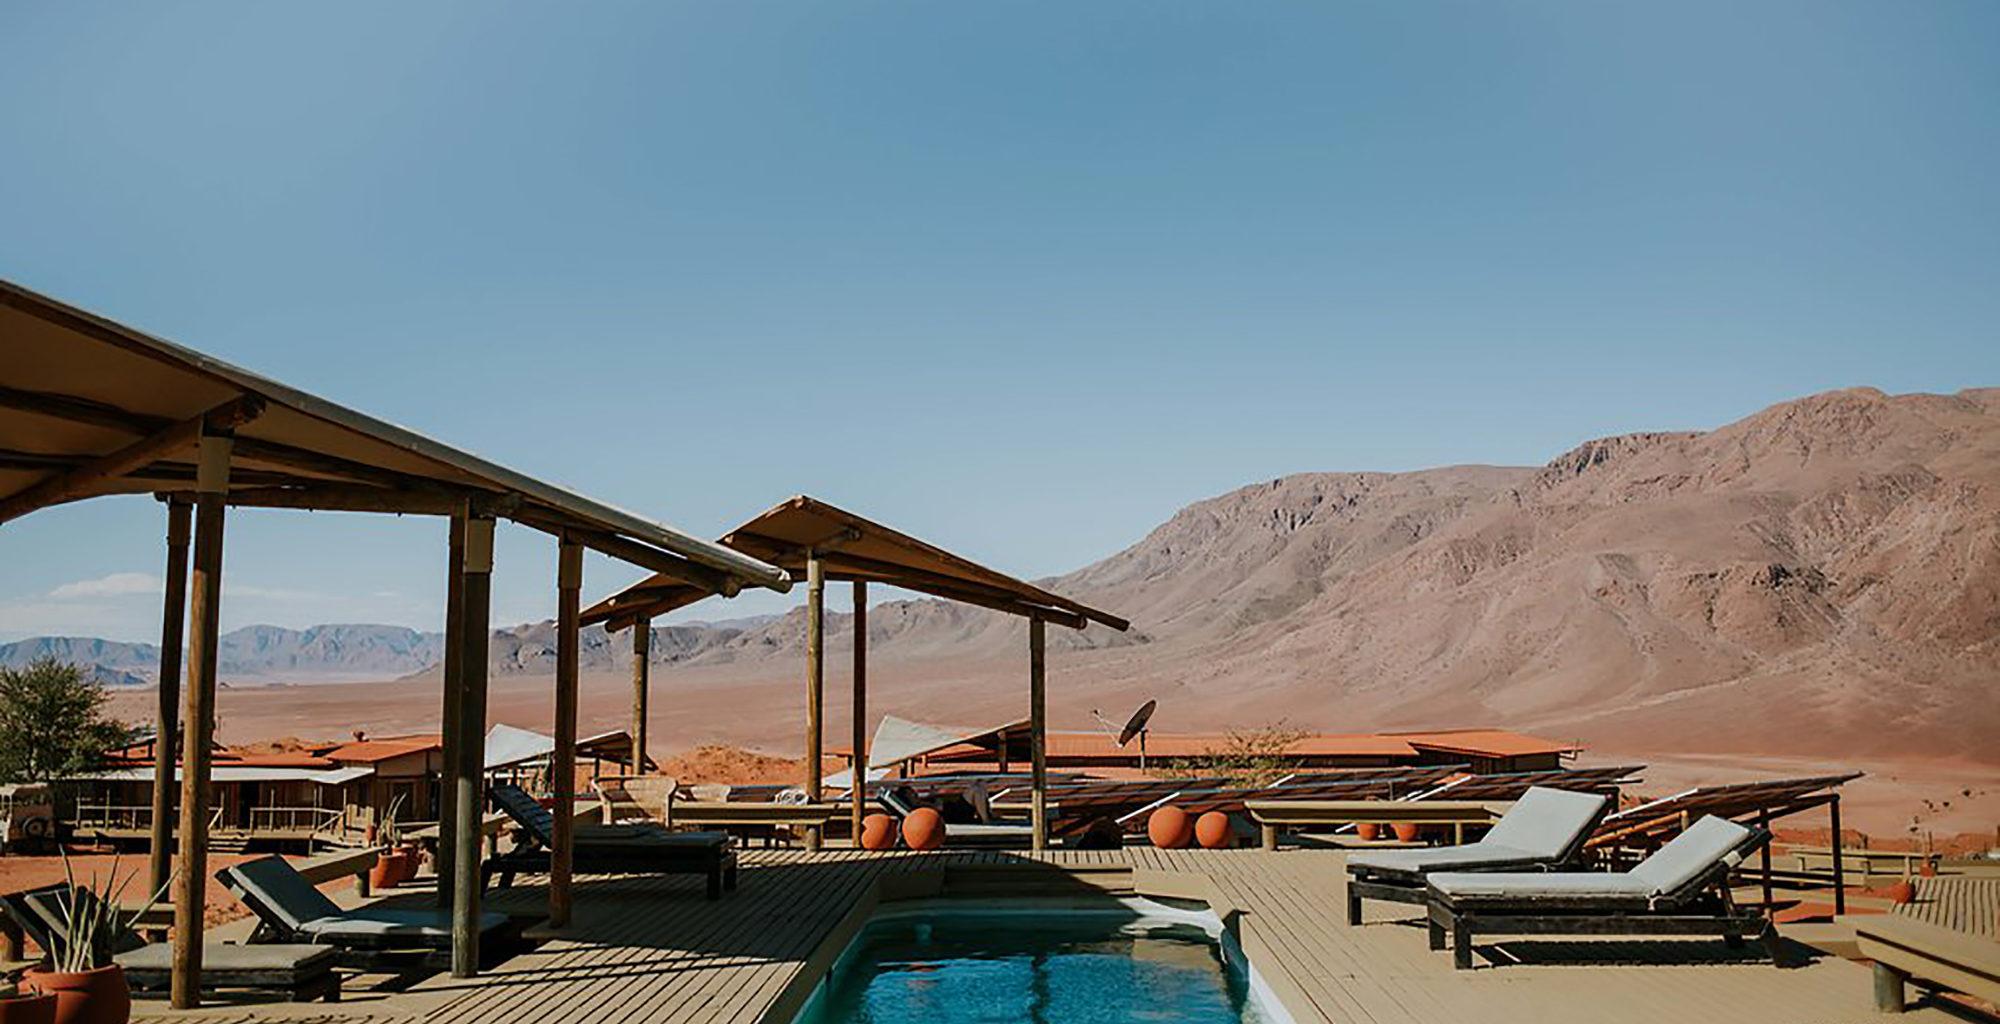 Namibia-Wolwedans-Dune-Camp-Swimming-Pool